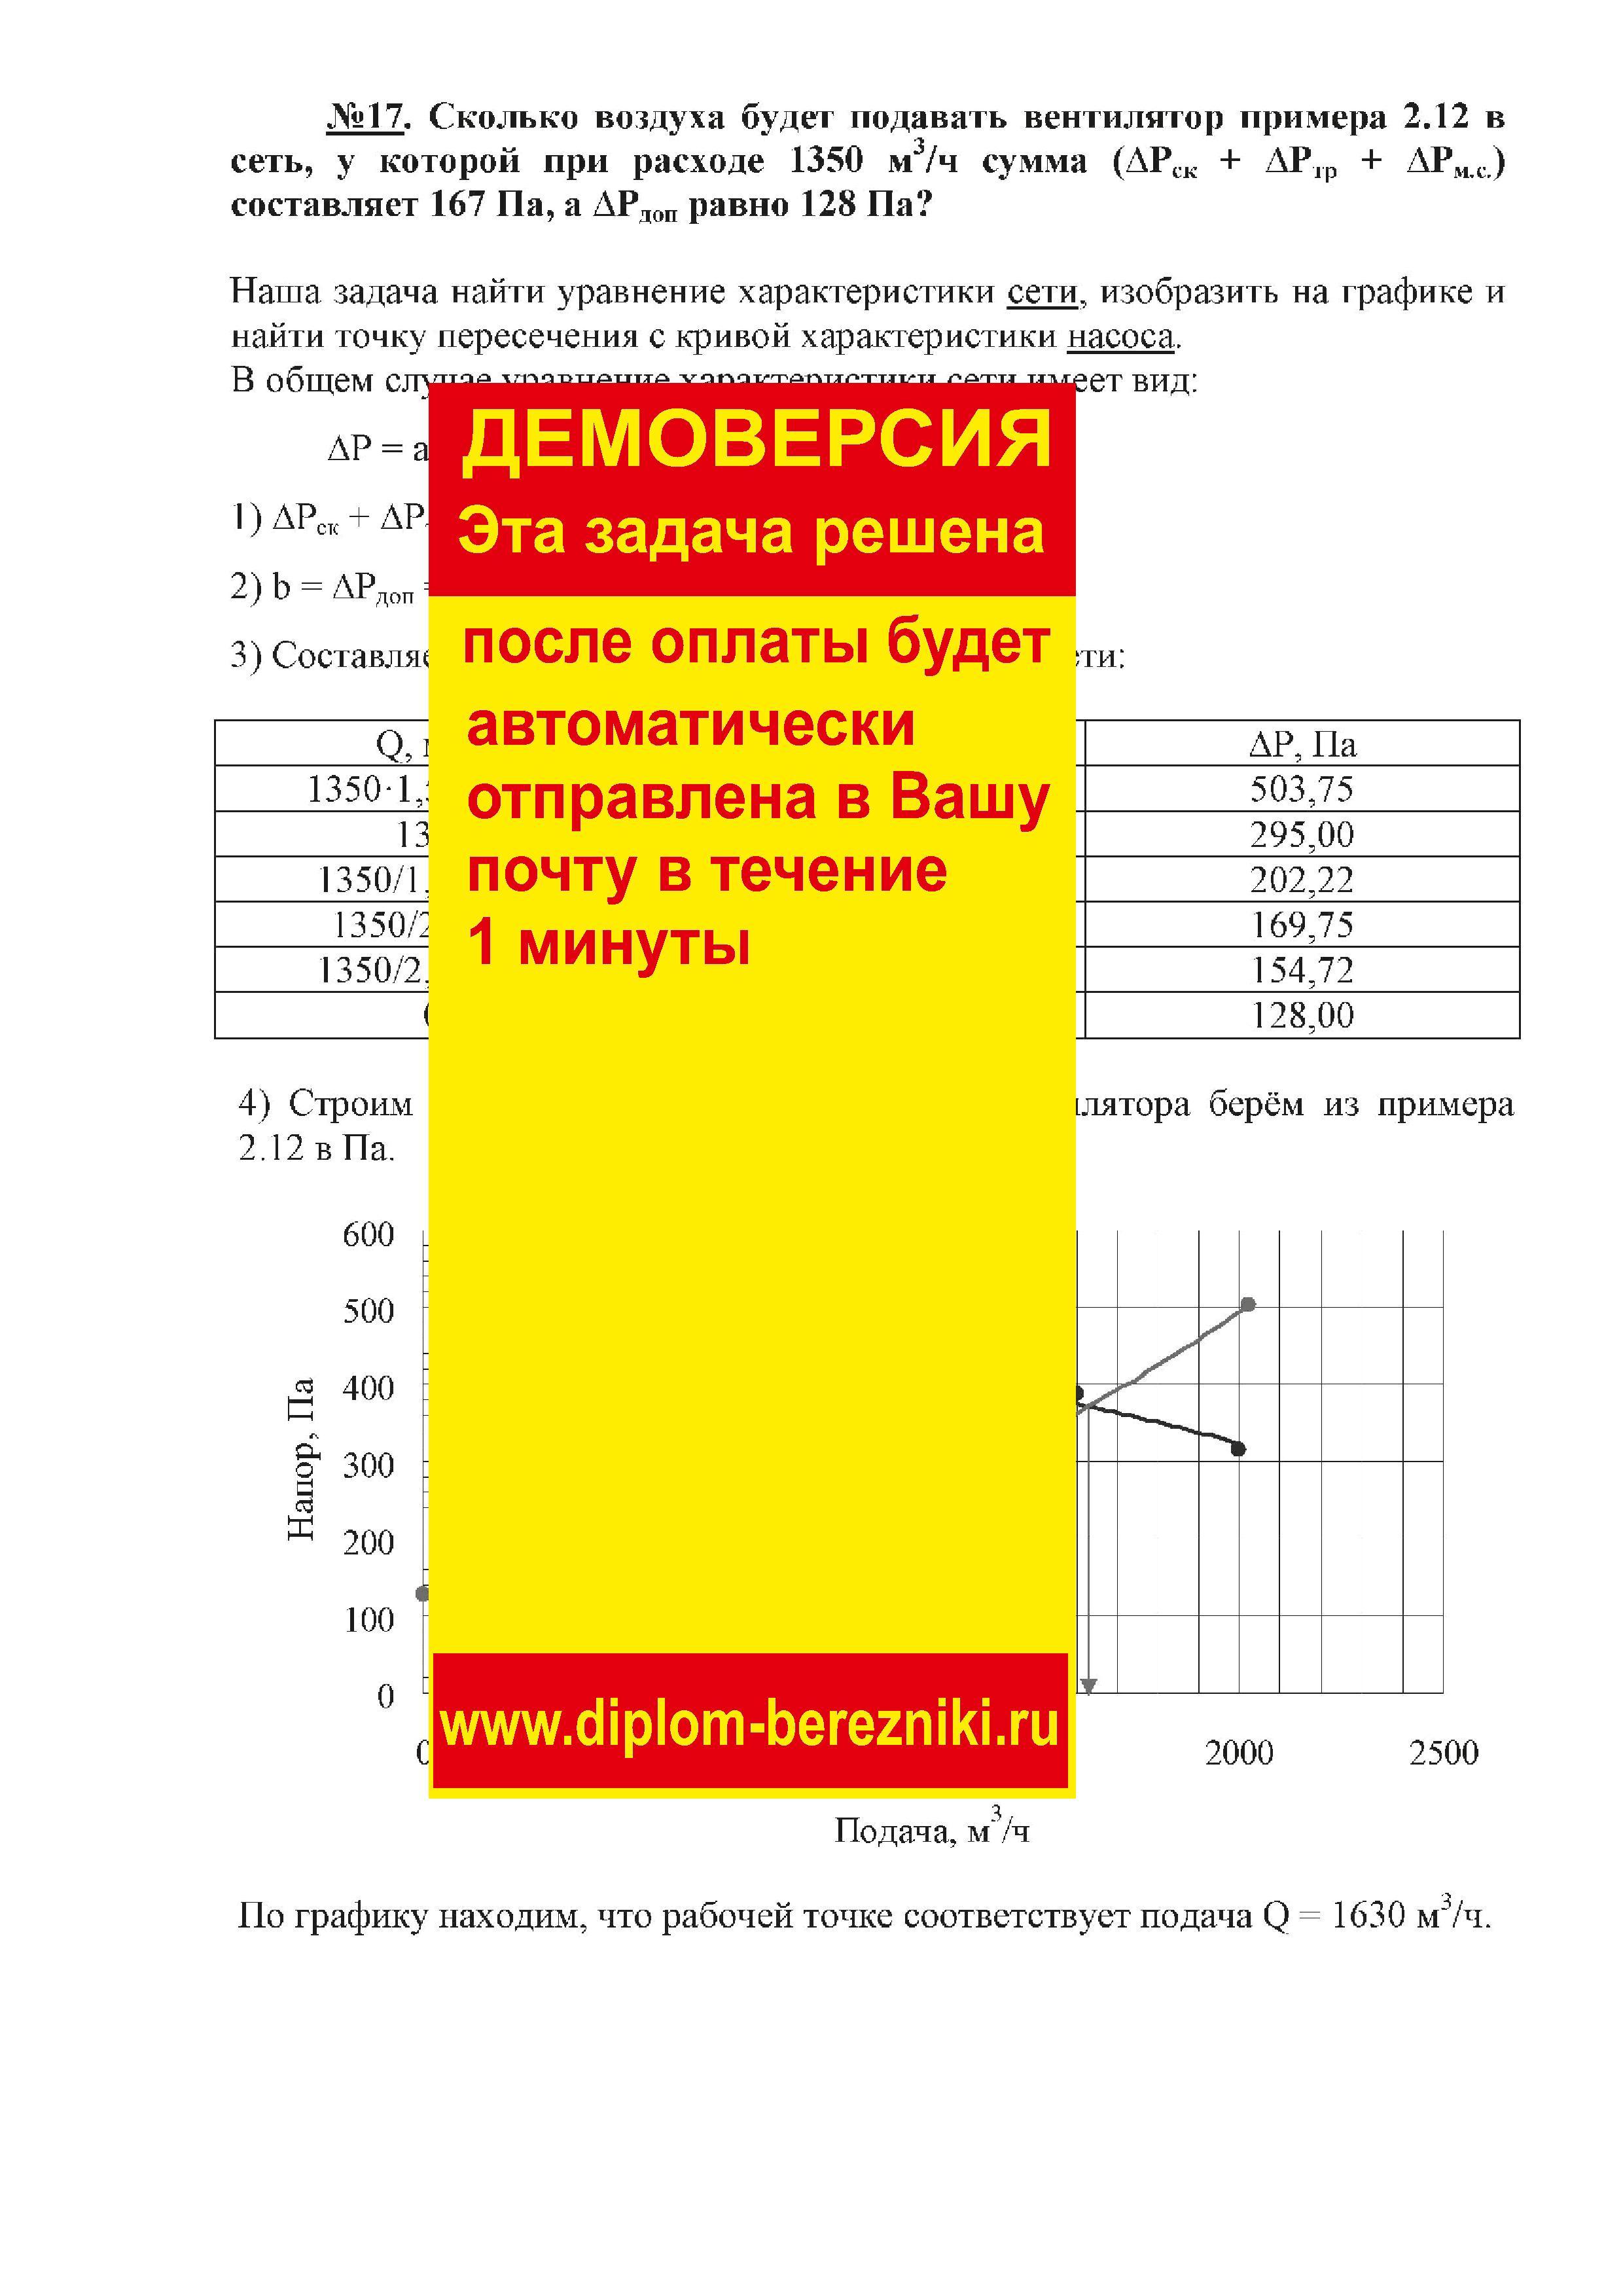 Решение задачи 2.17 по ПАХТ из задачника Павлова Романкова Носкова